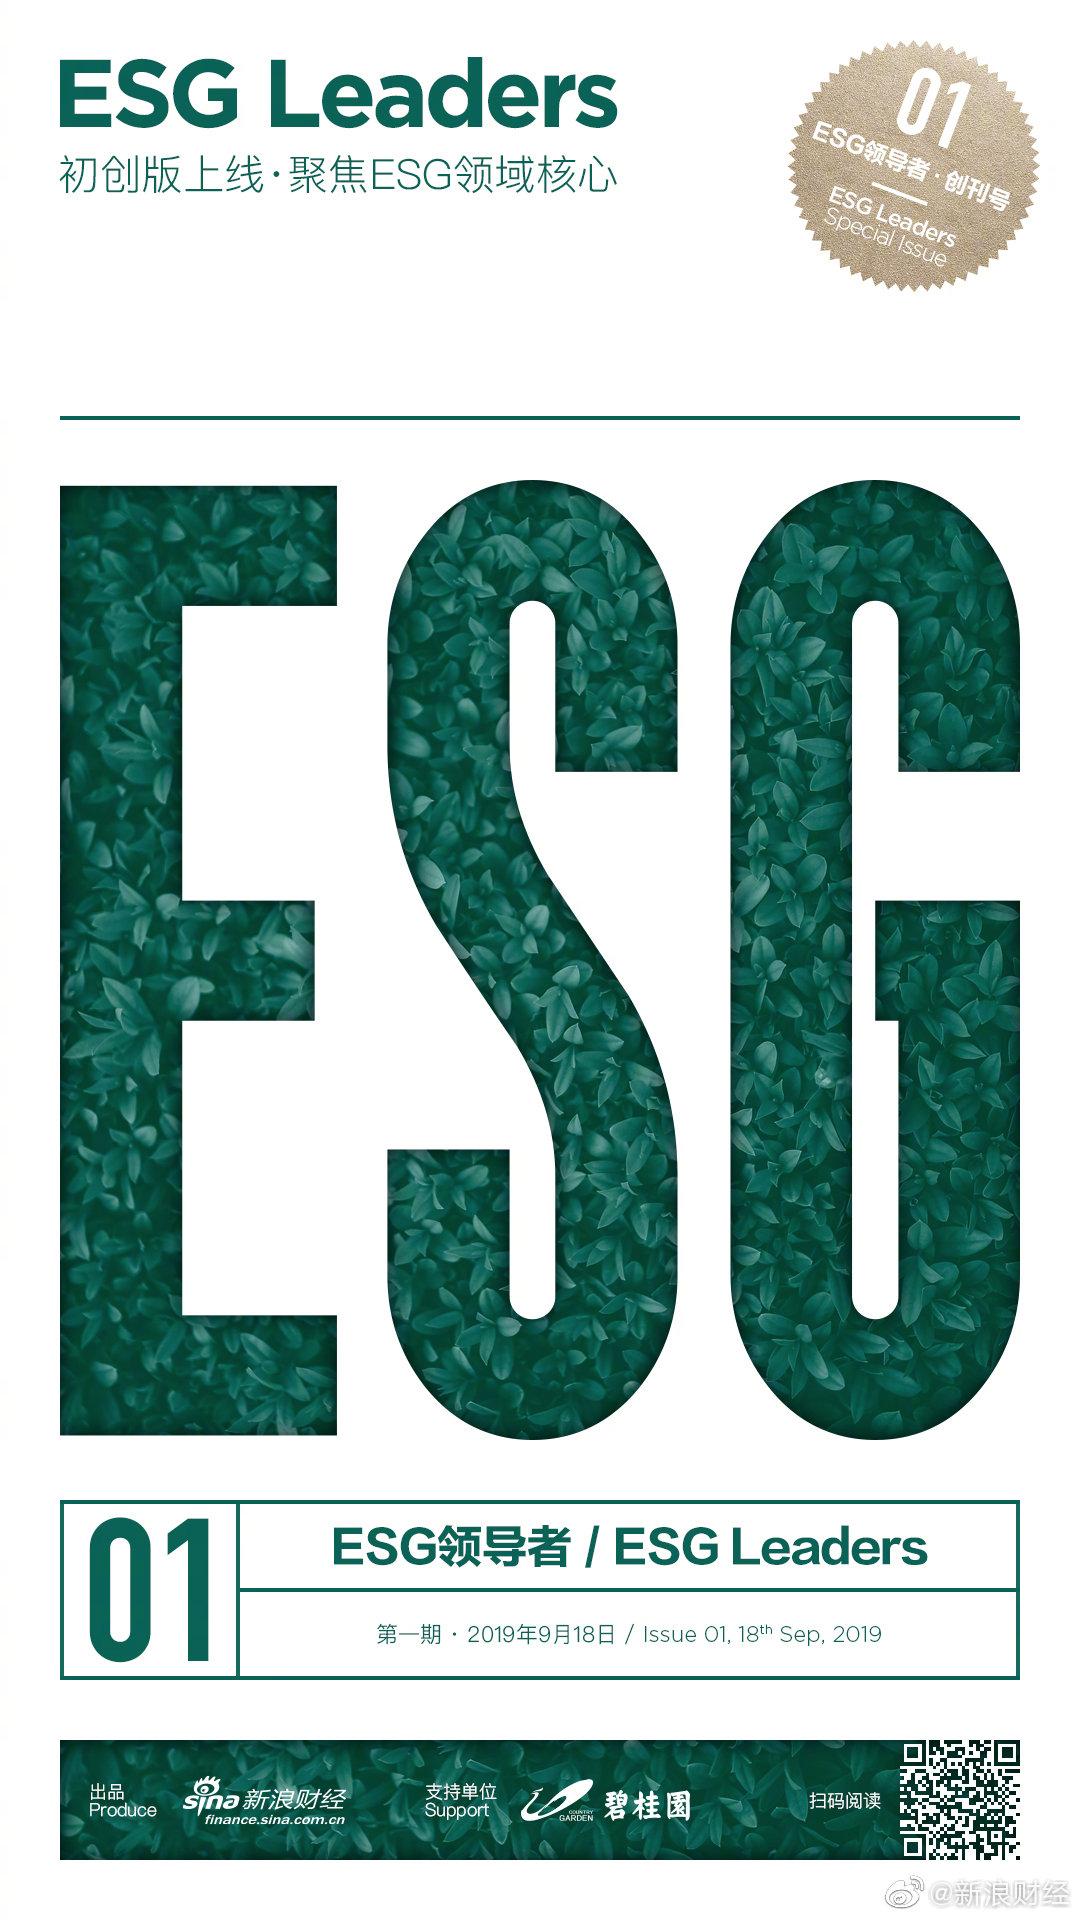 《ESG Leaders》是新浪财经于8月20日上线ESG频道后